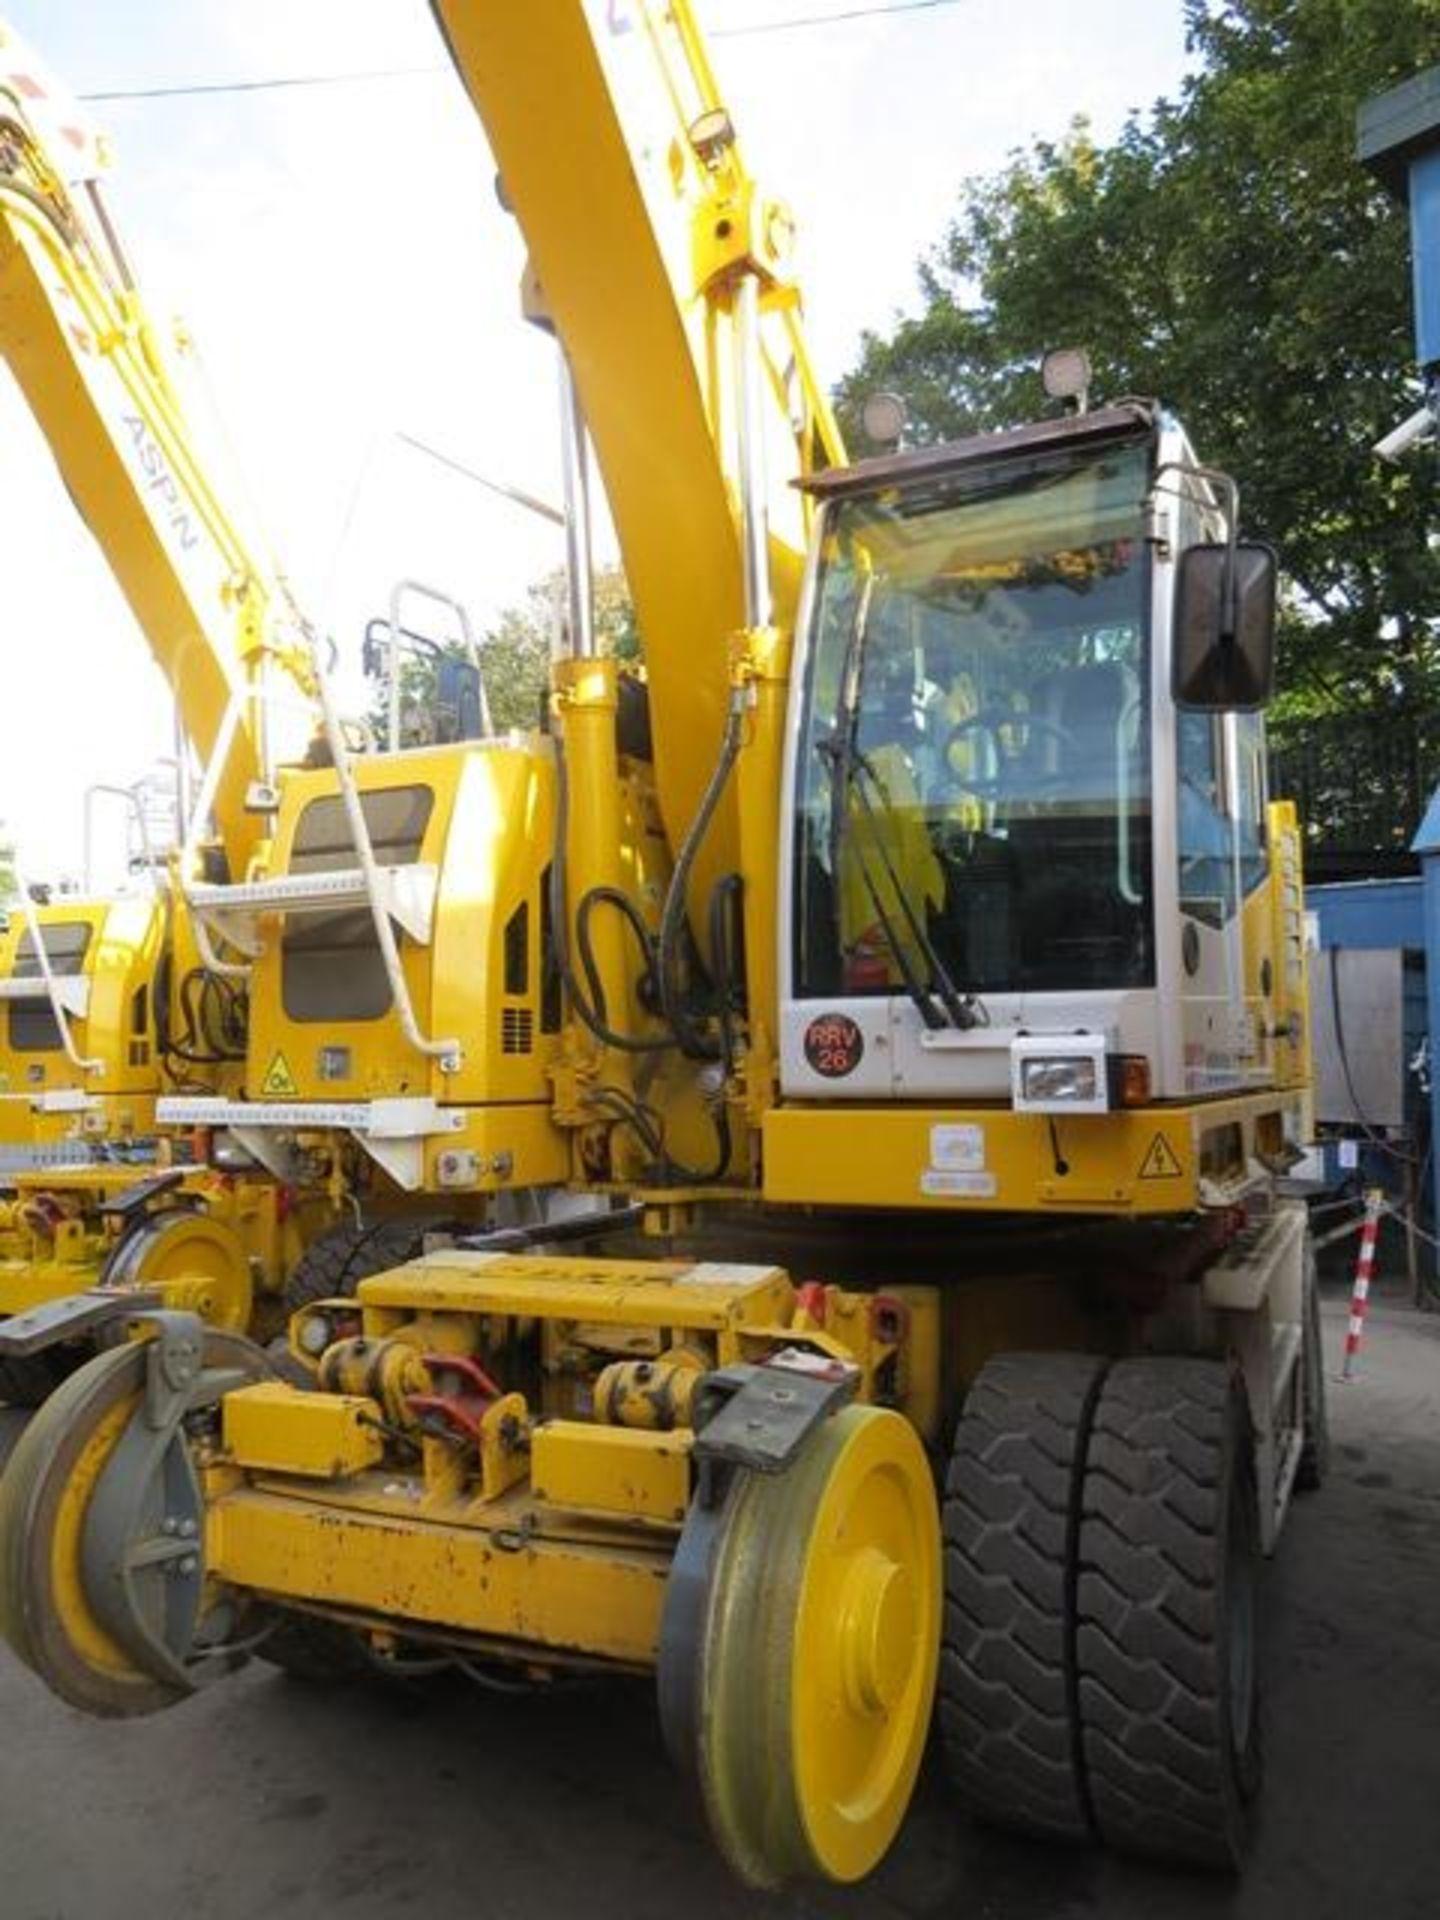 Lot 17 - Colmar T10000FS road / rail excavator s/n 8753 (2016) running hours approx 2,080 c/w Euro 5 DPF.